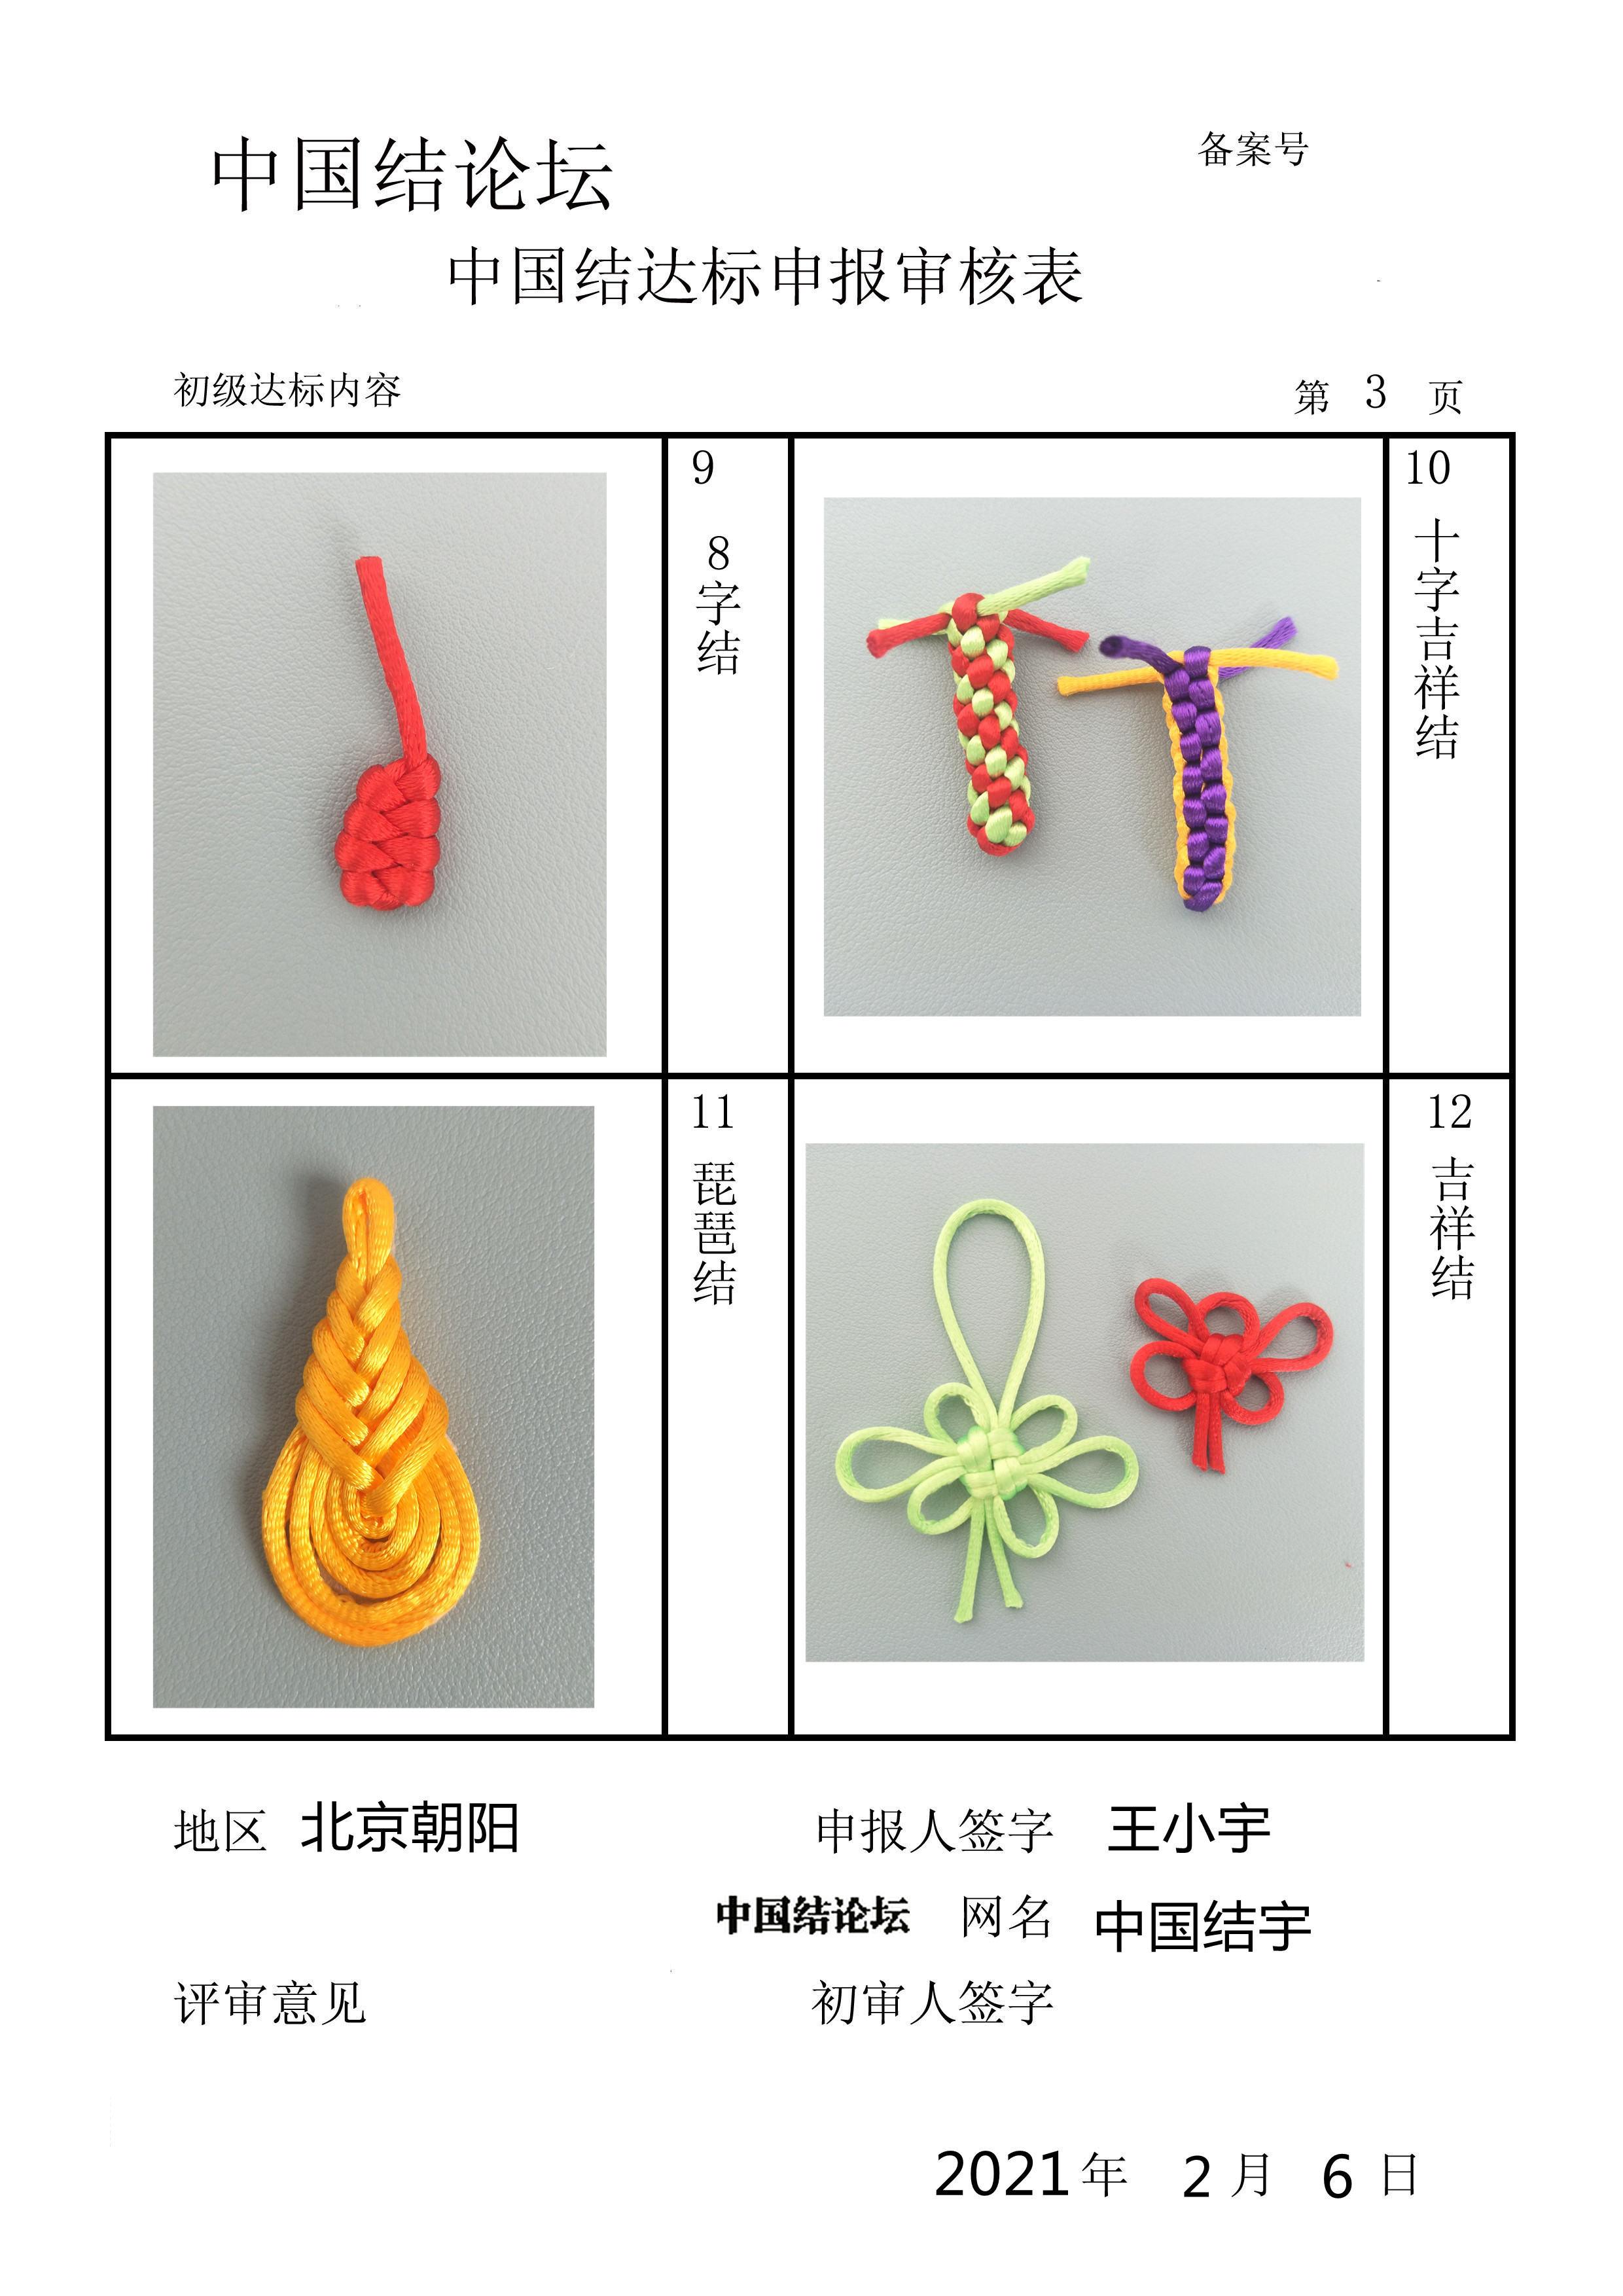 中国结论坛 初级提交审核  中国绳结艺术分级达标审核 161101offqfqib1m9am1yp